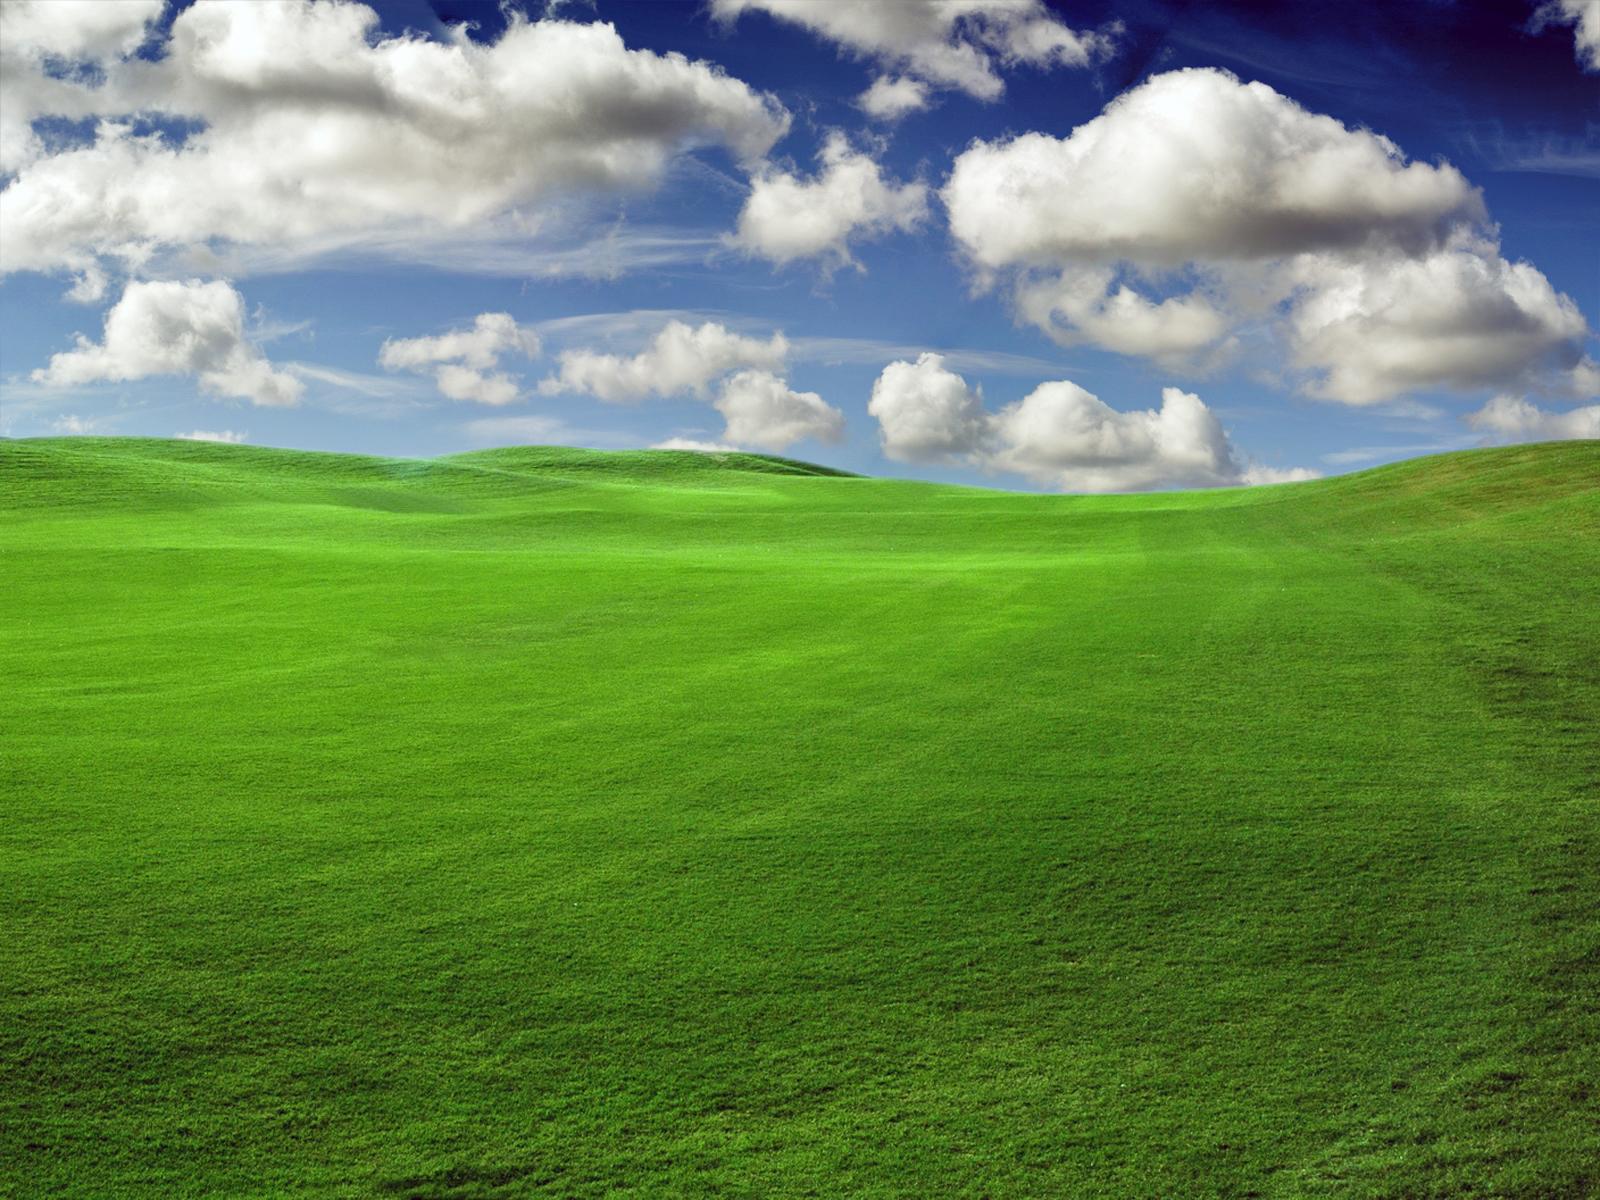 Fond d 39 ecran nuage et herbe wallpaper for Paysage design